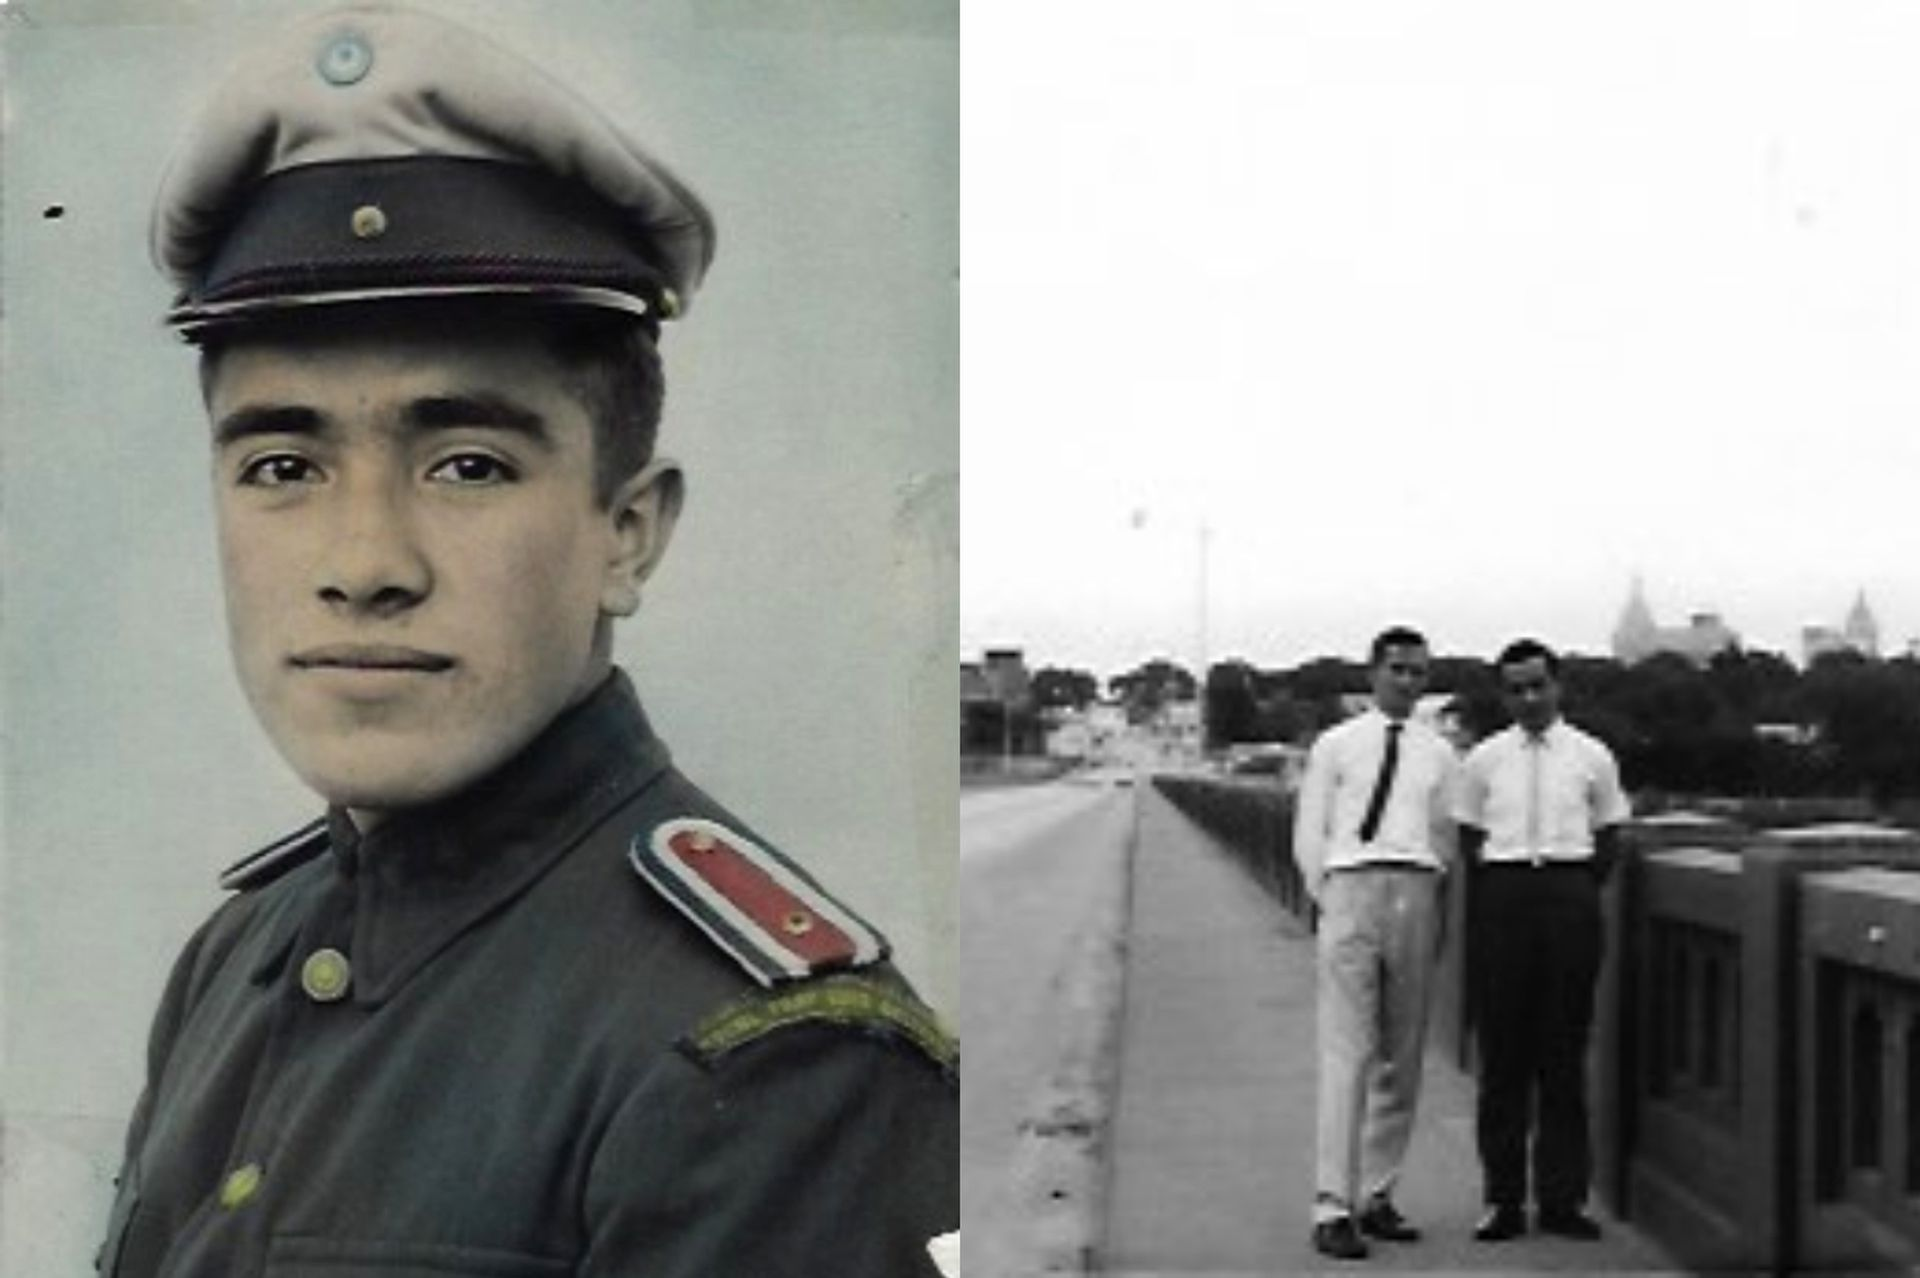 Izquierda: En tiempos de la escuela militar. Derecha: junto a su amigo mendocino que conoció en la embajada, caminando por Oklahoma City.